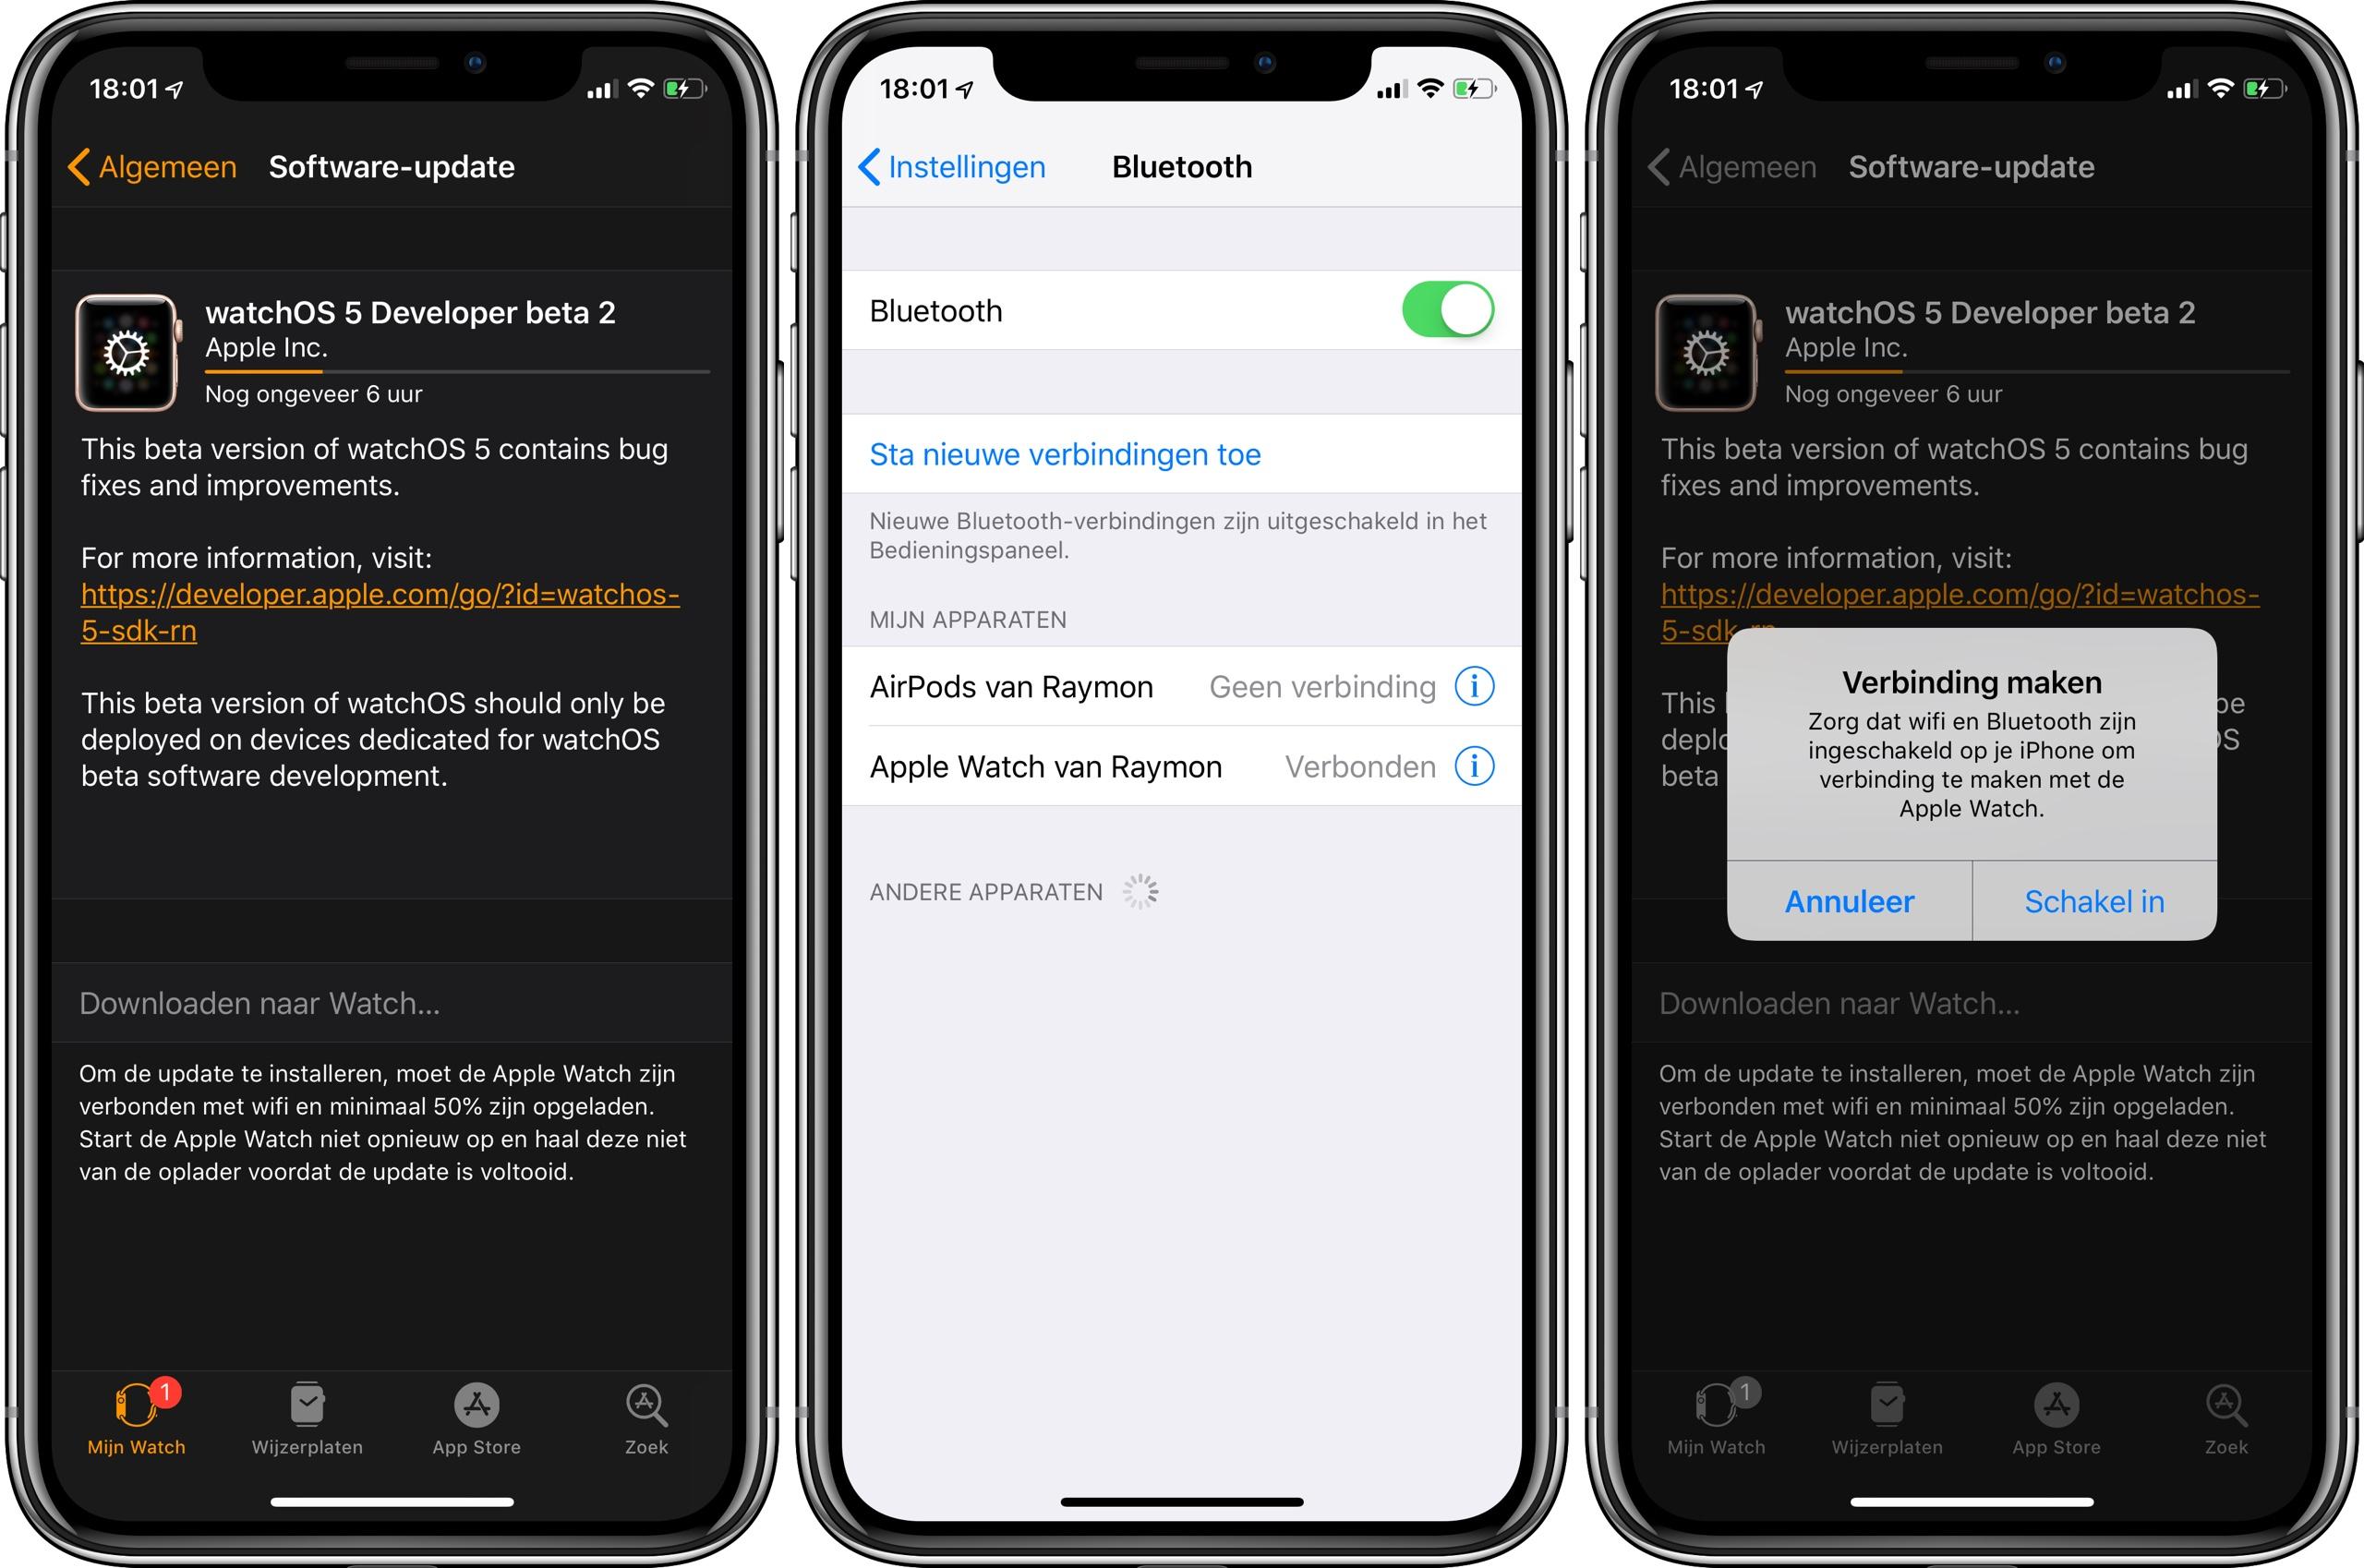 Apple Watch update installeren